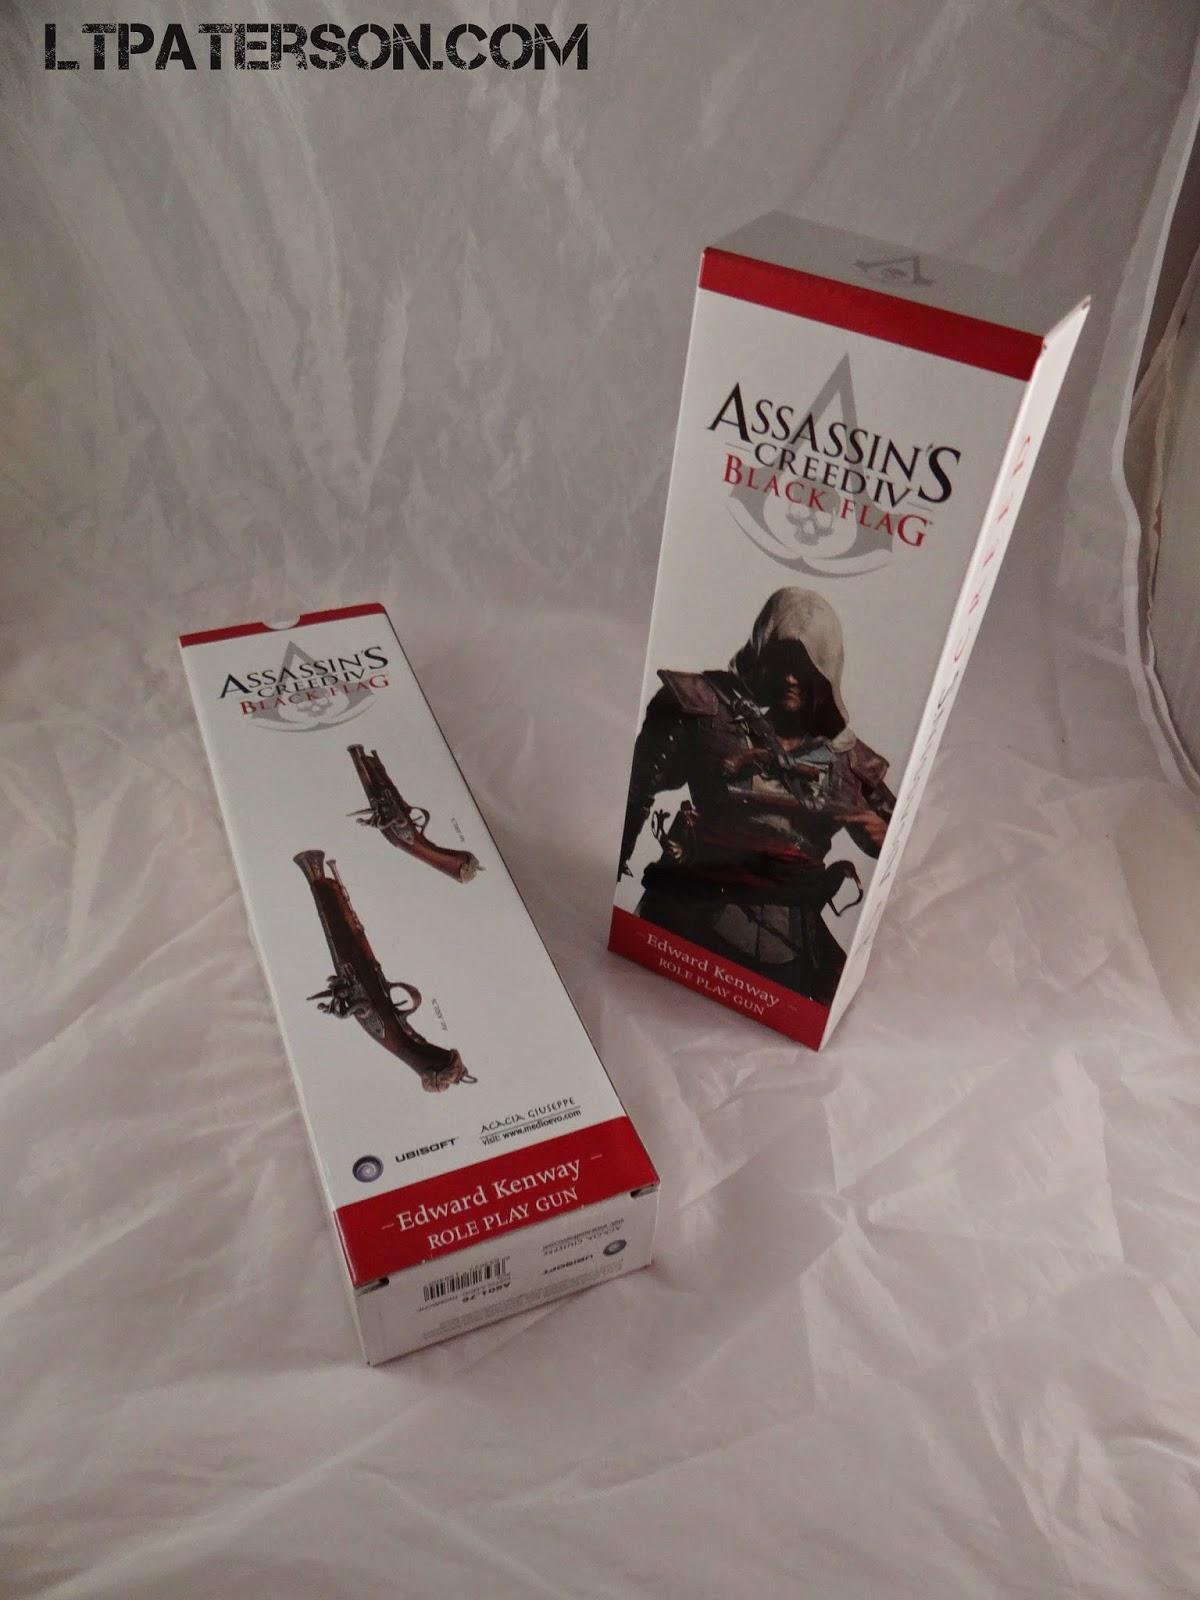 Assassins Creed Iv 4 Black Flag Edward KenwayS Pistolet réplique Medioevo